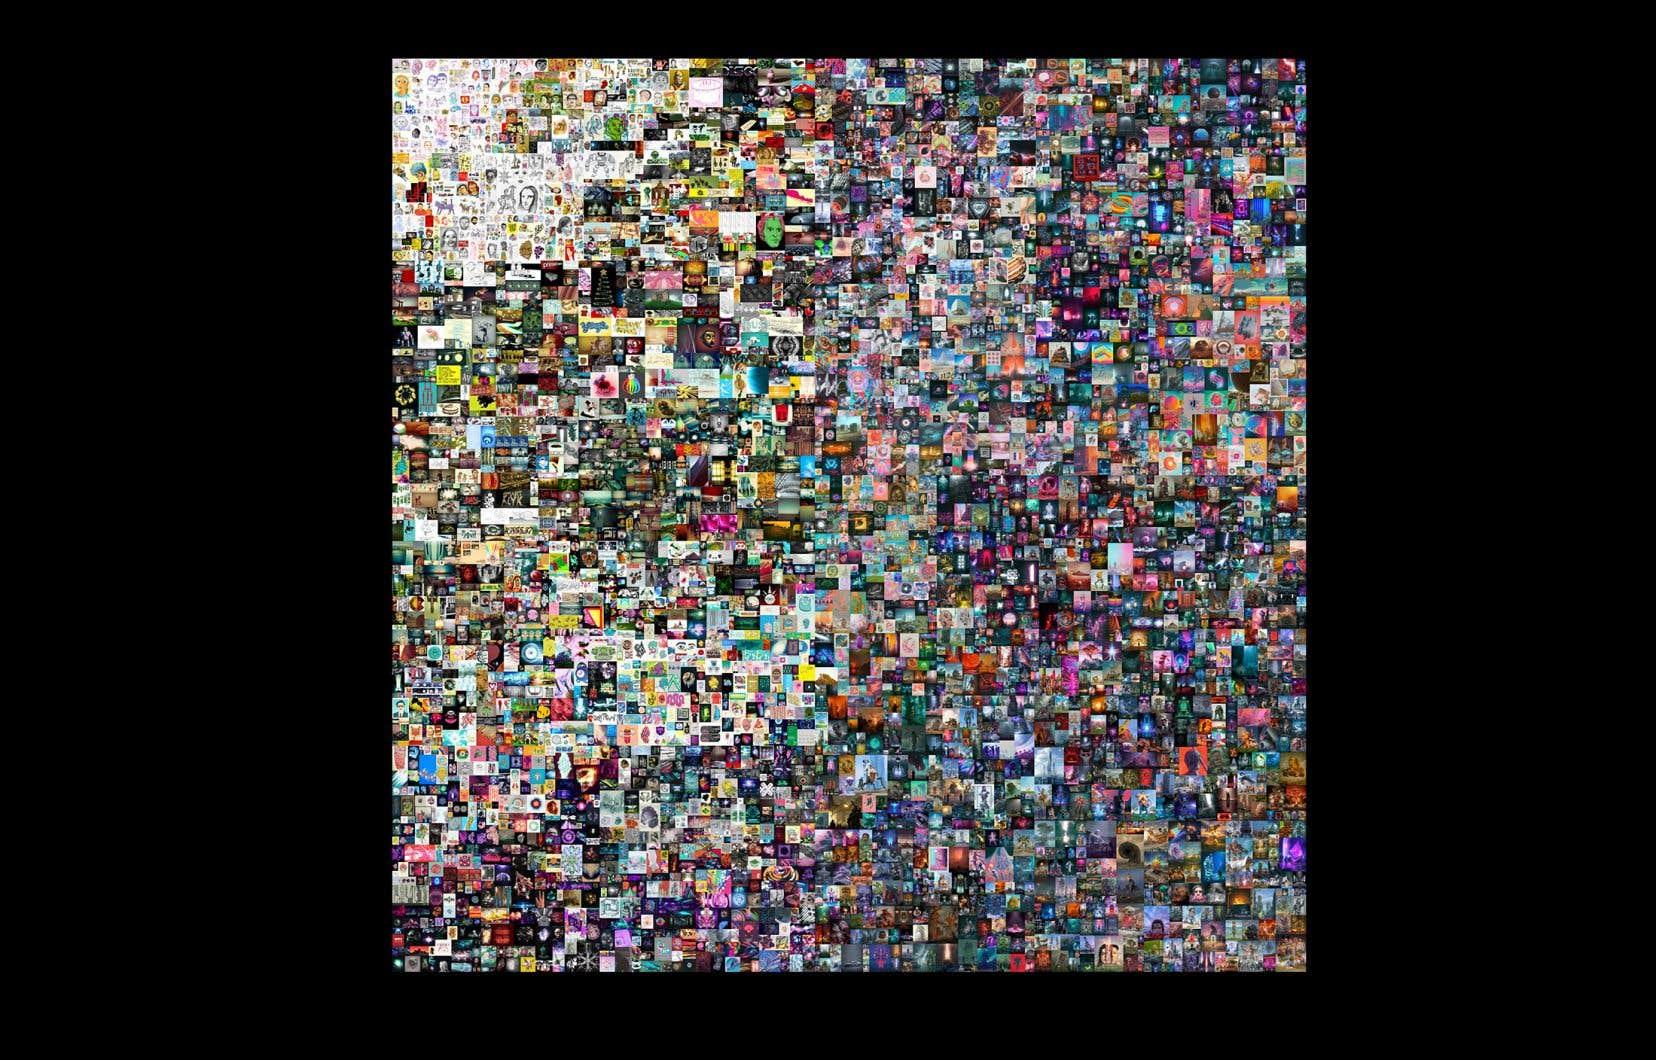 Le collage numérique de l'artiste américain Beeple, que Christie's a vendu pour 69,3millions de dollars.